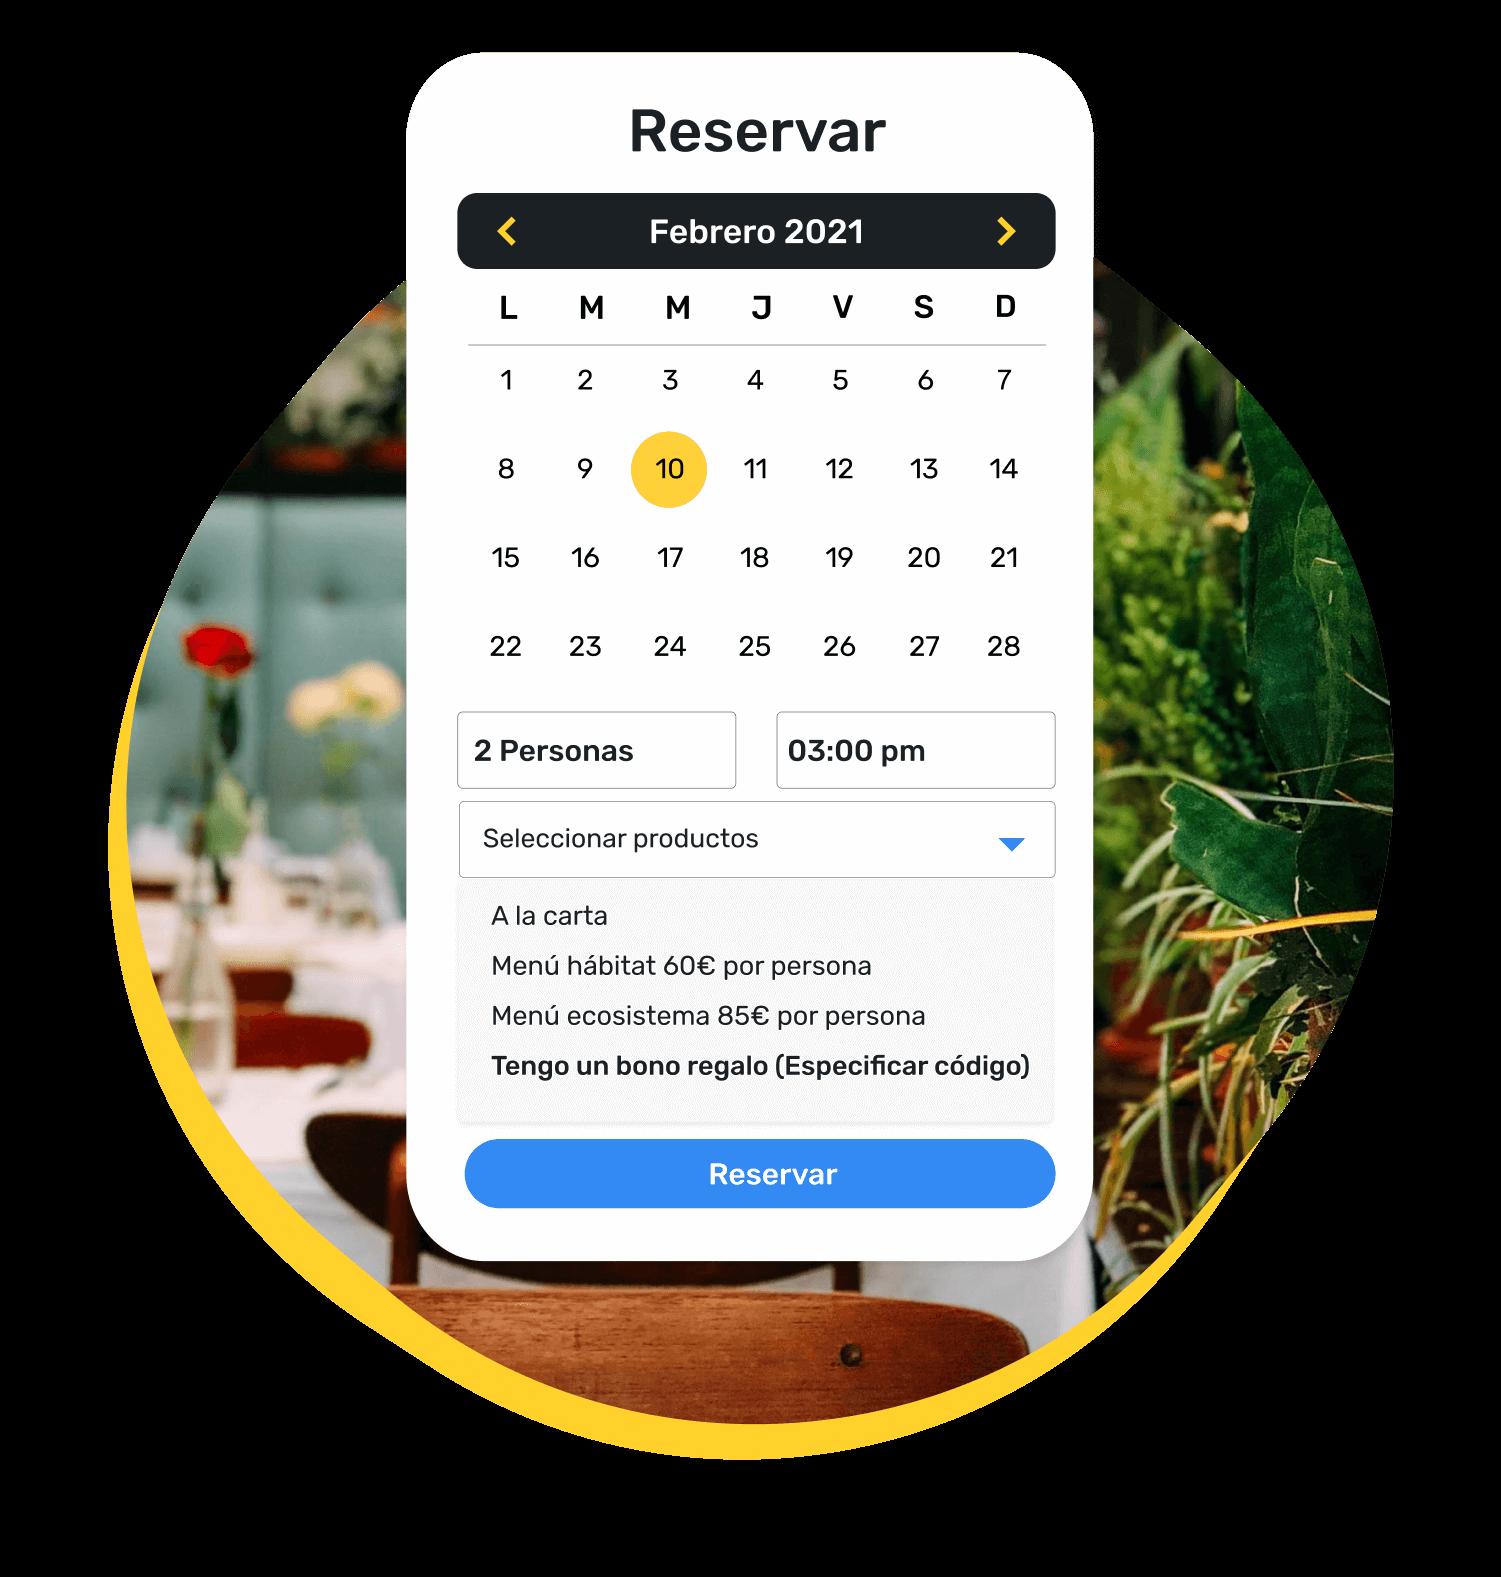 Ejemplo de motor de búsqueda propio para reservar mesa según día, hora y número de personas. En este caso, el cliente ha seleccionado el menú con antelación, en concreto un menú habitat y un menú ecosistema.